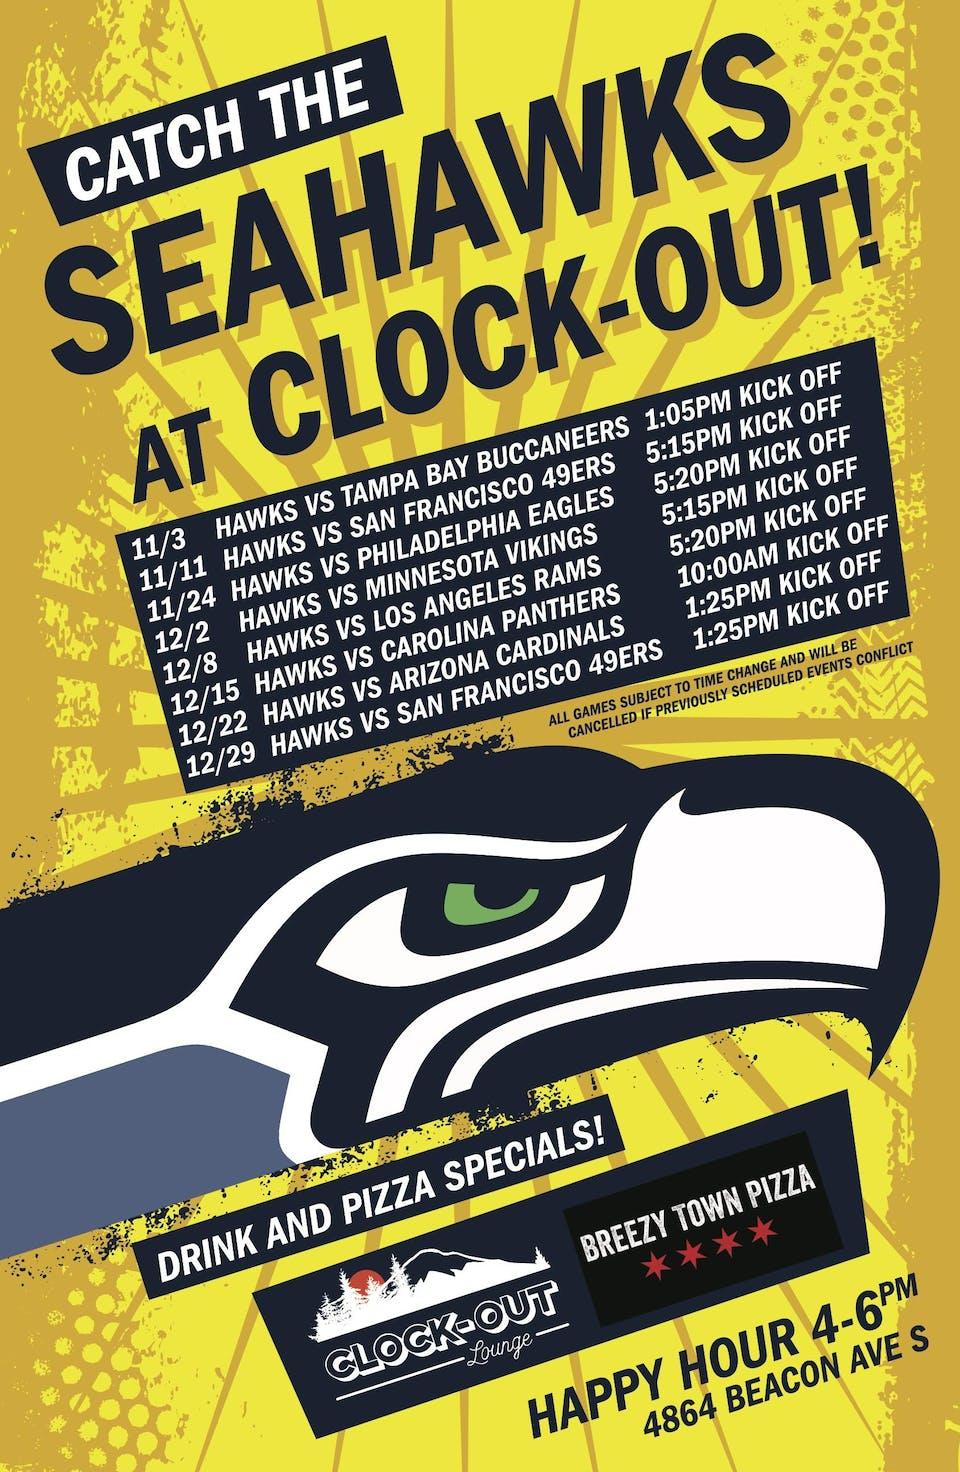 Seahawks @ 49ers